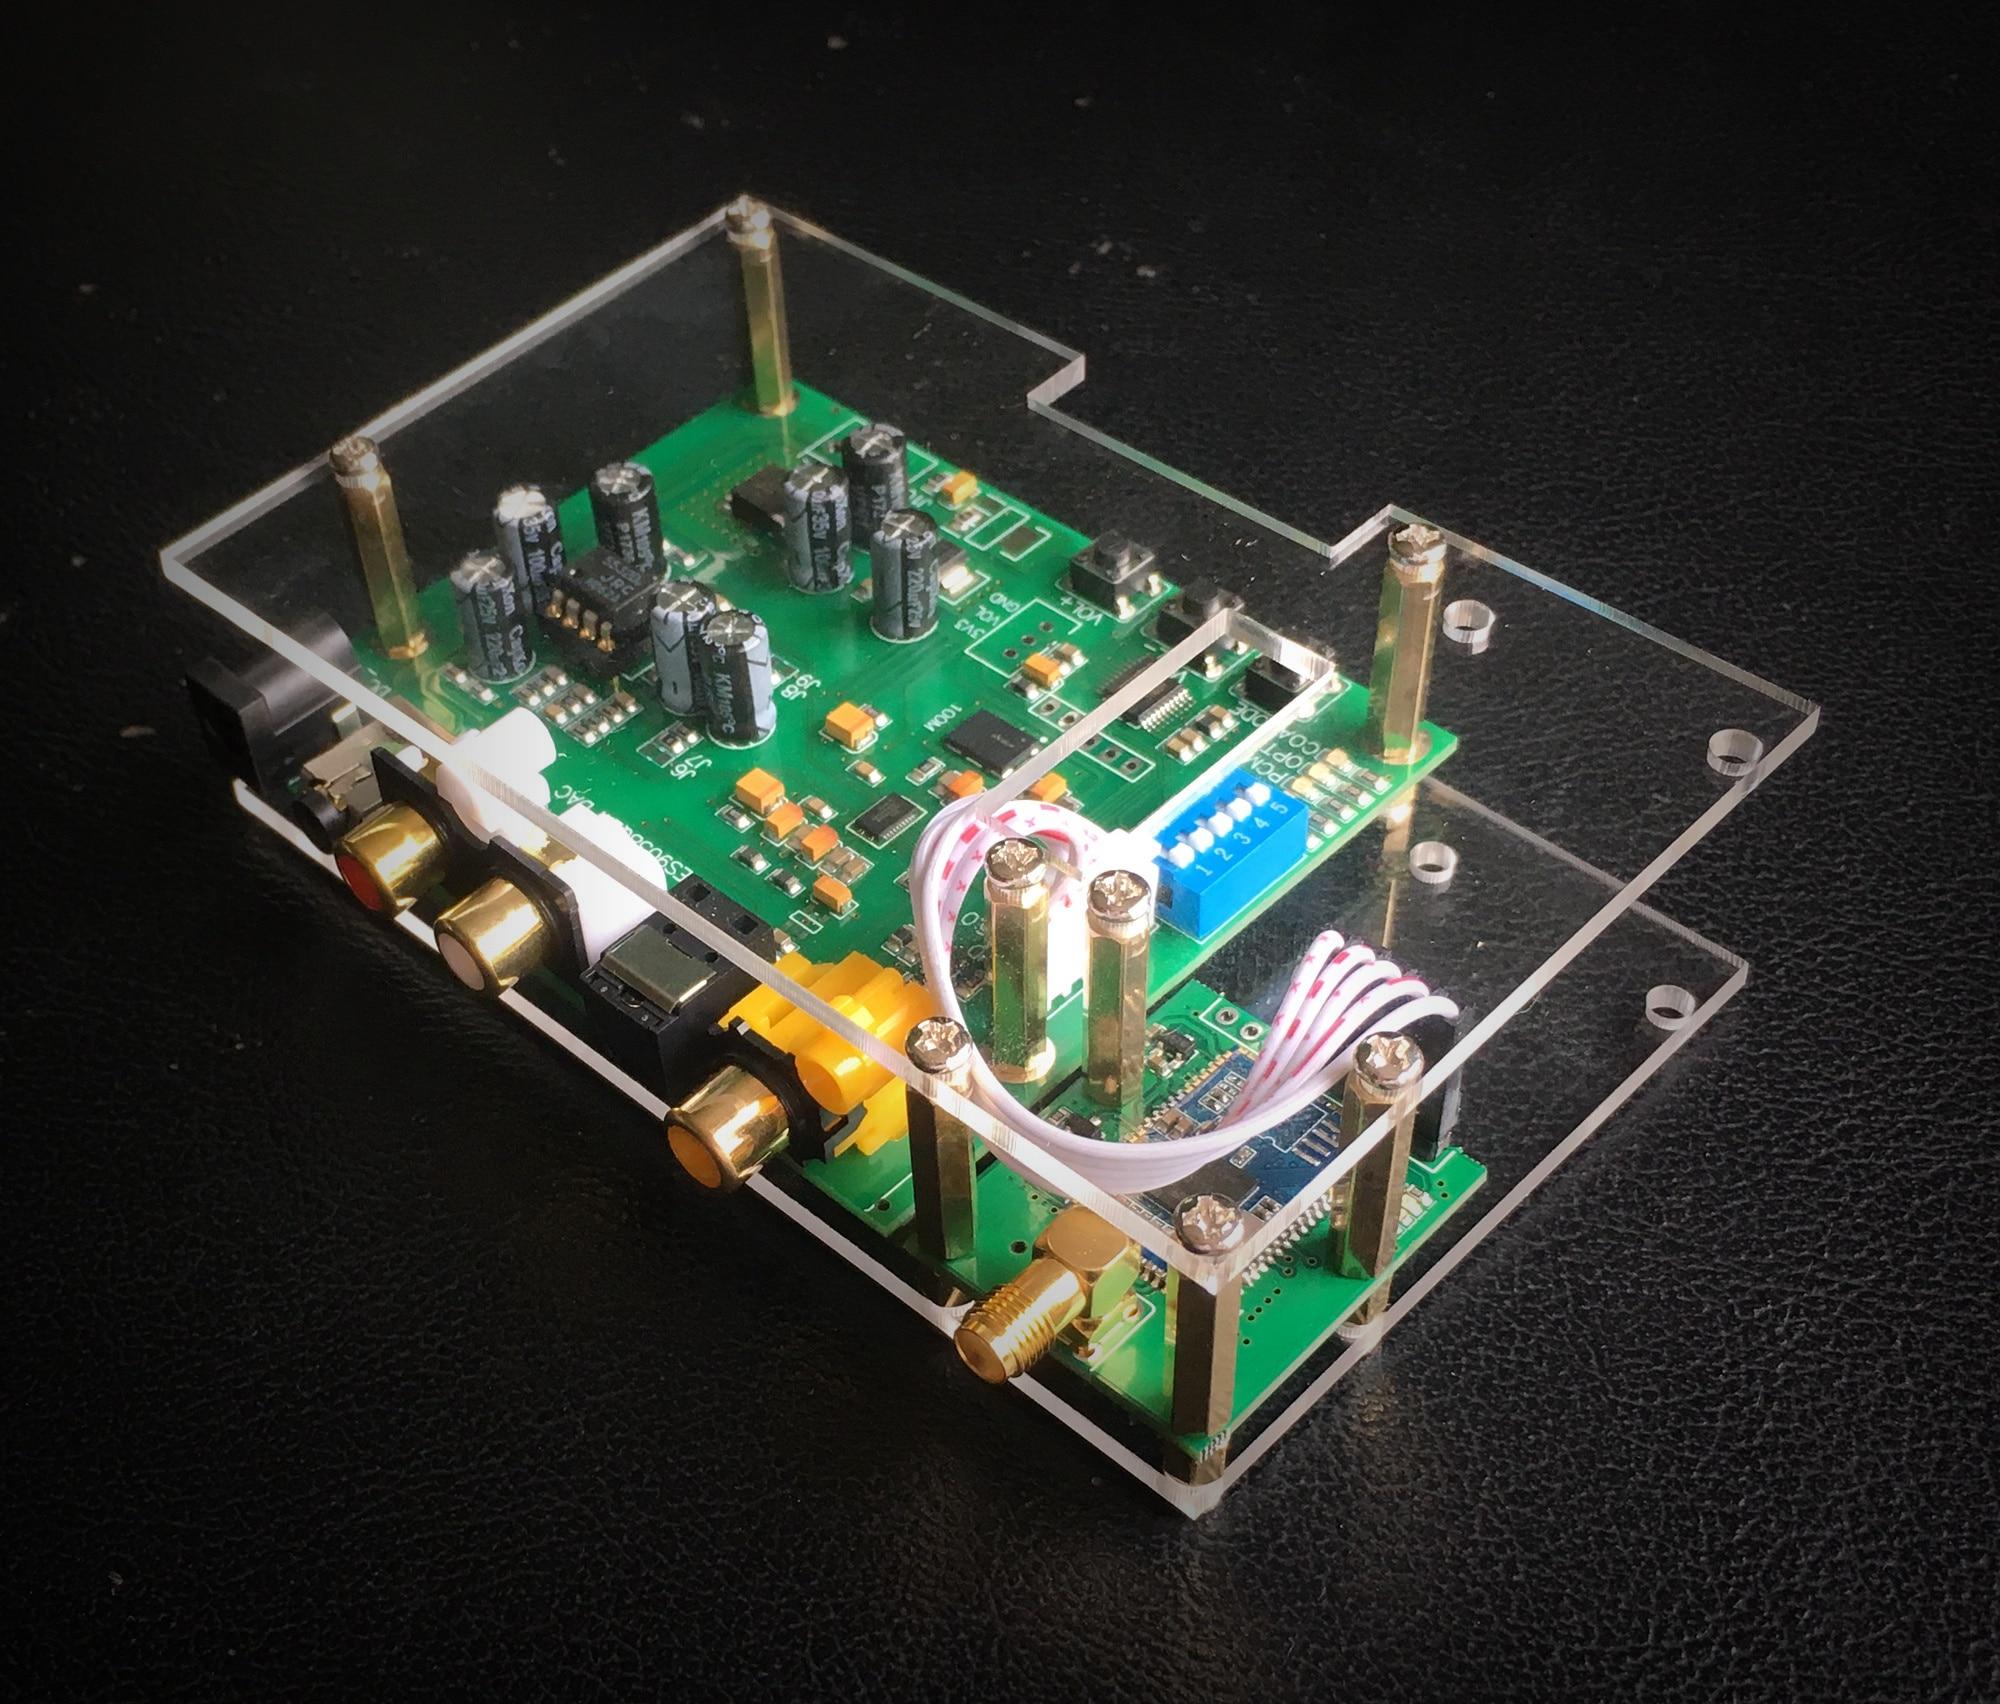 ES9038Q2M DSD I2S SPIDF Decoding Board CSR8675 Aptx-hd Bluetooth 5 Module Set